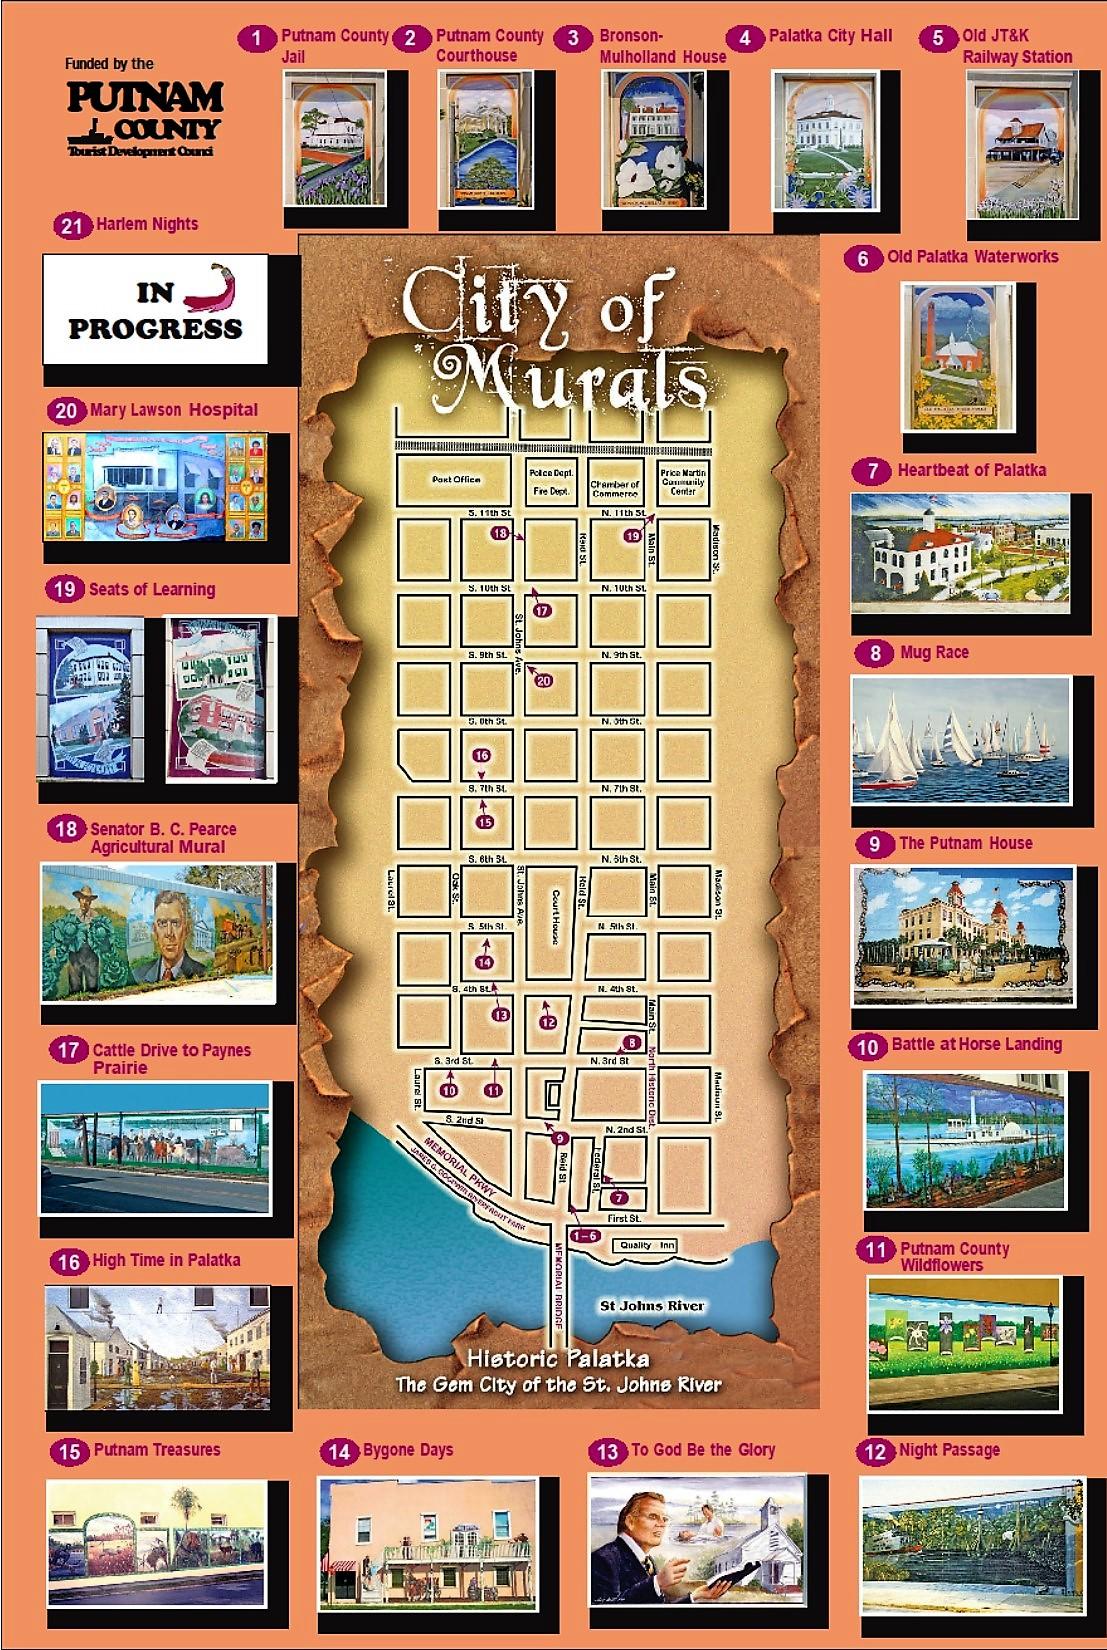 City of Murals legend (2)